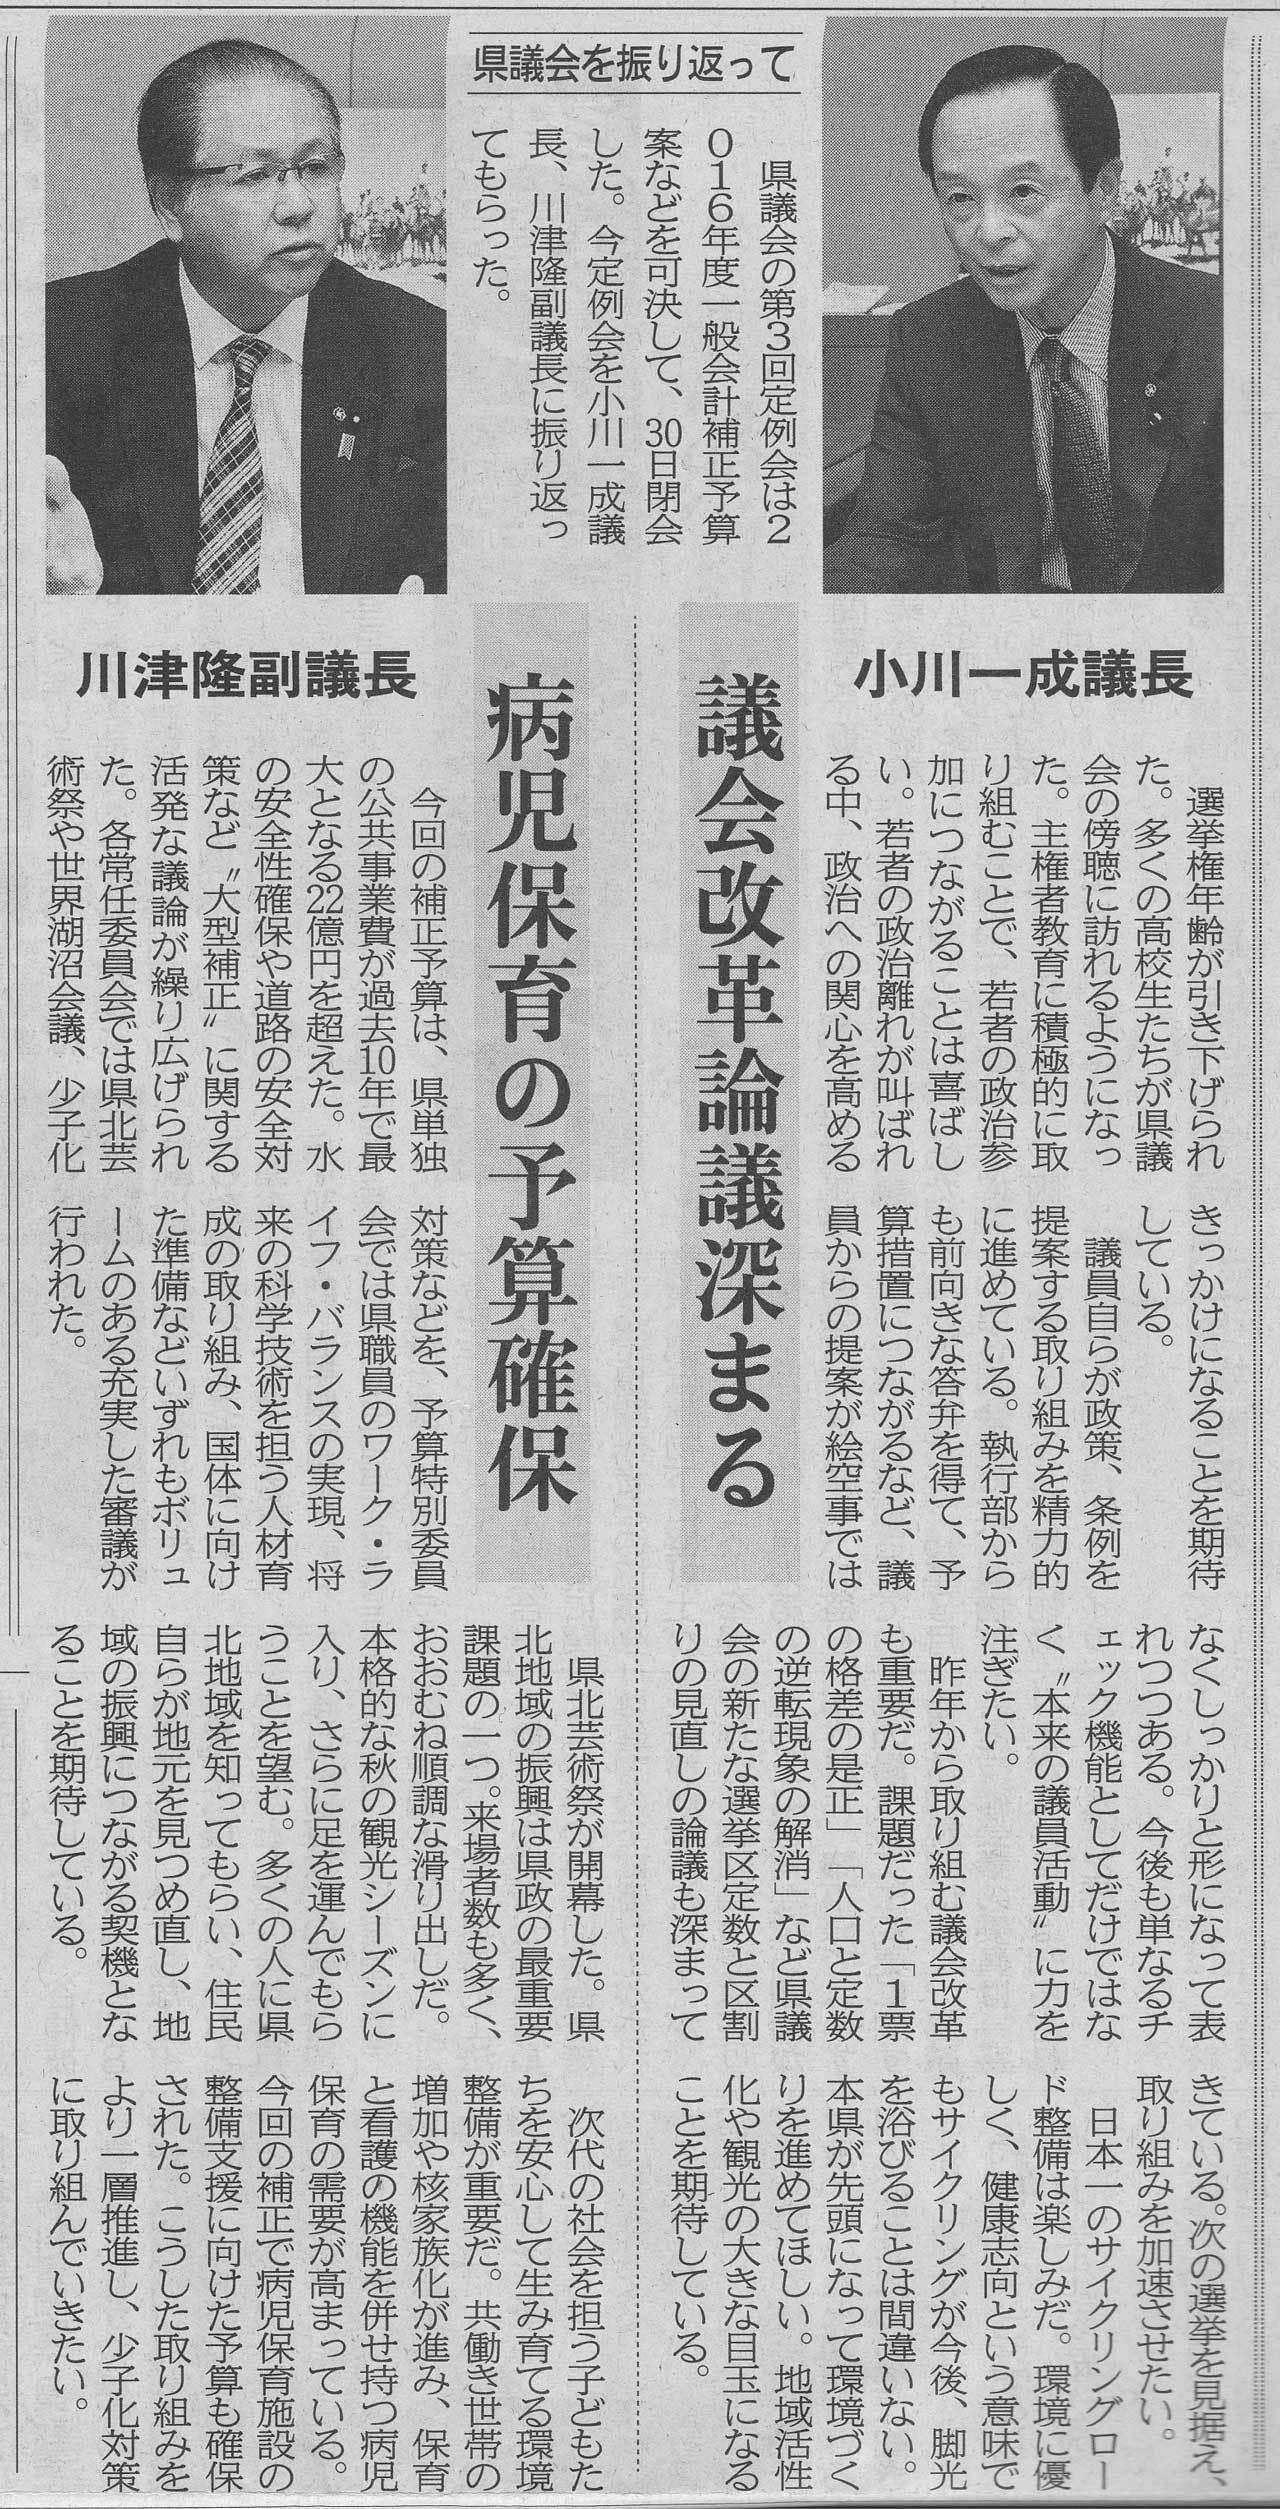 2016年10月1日 茨城新聞